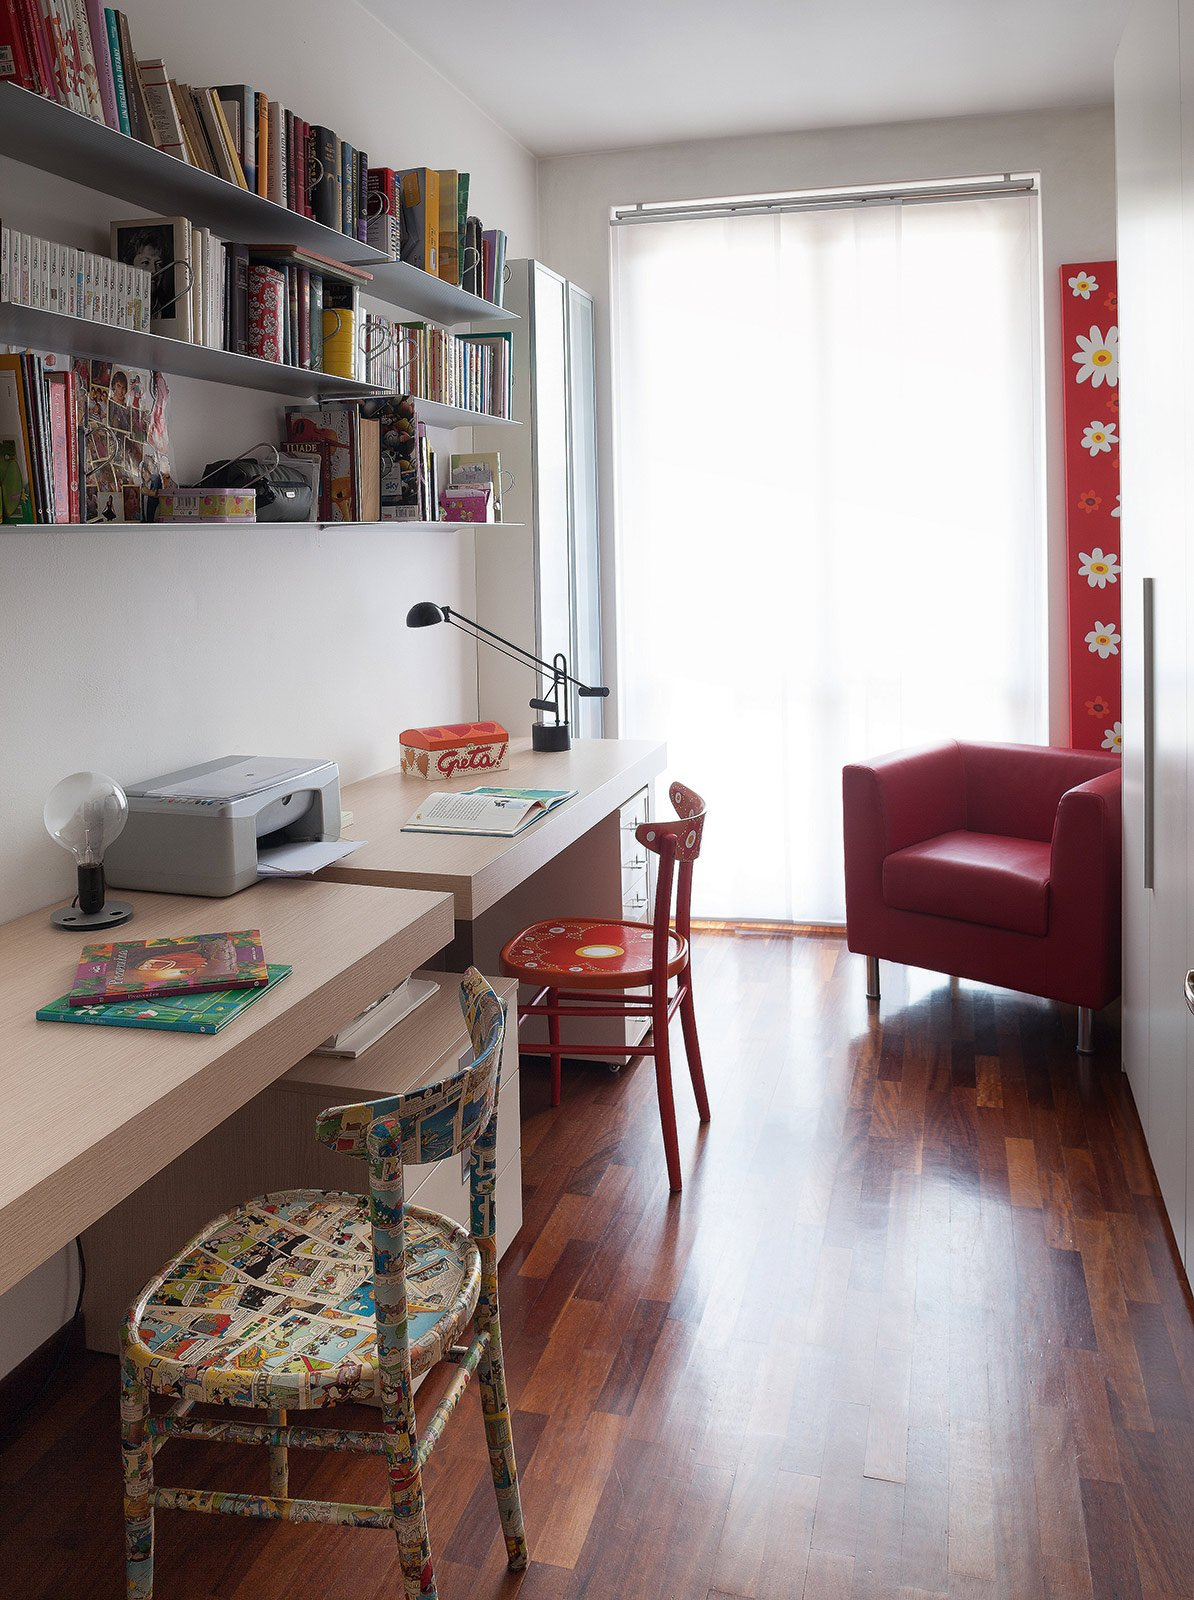 Idee per arredare soggiorno piccolo : idee per arredare un salotto ...